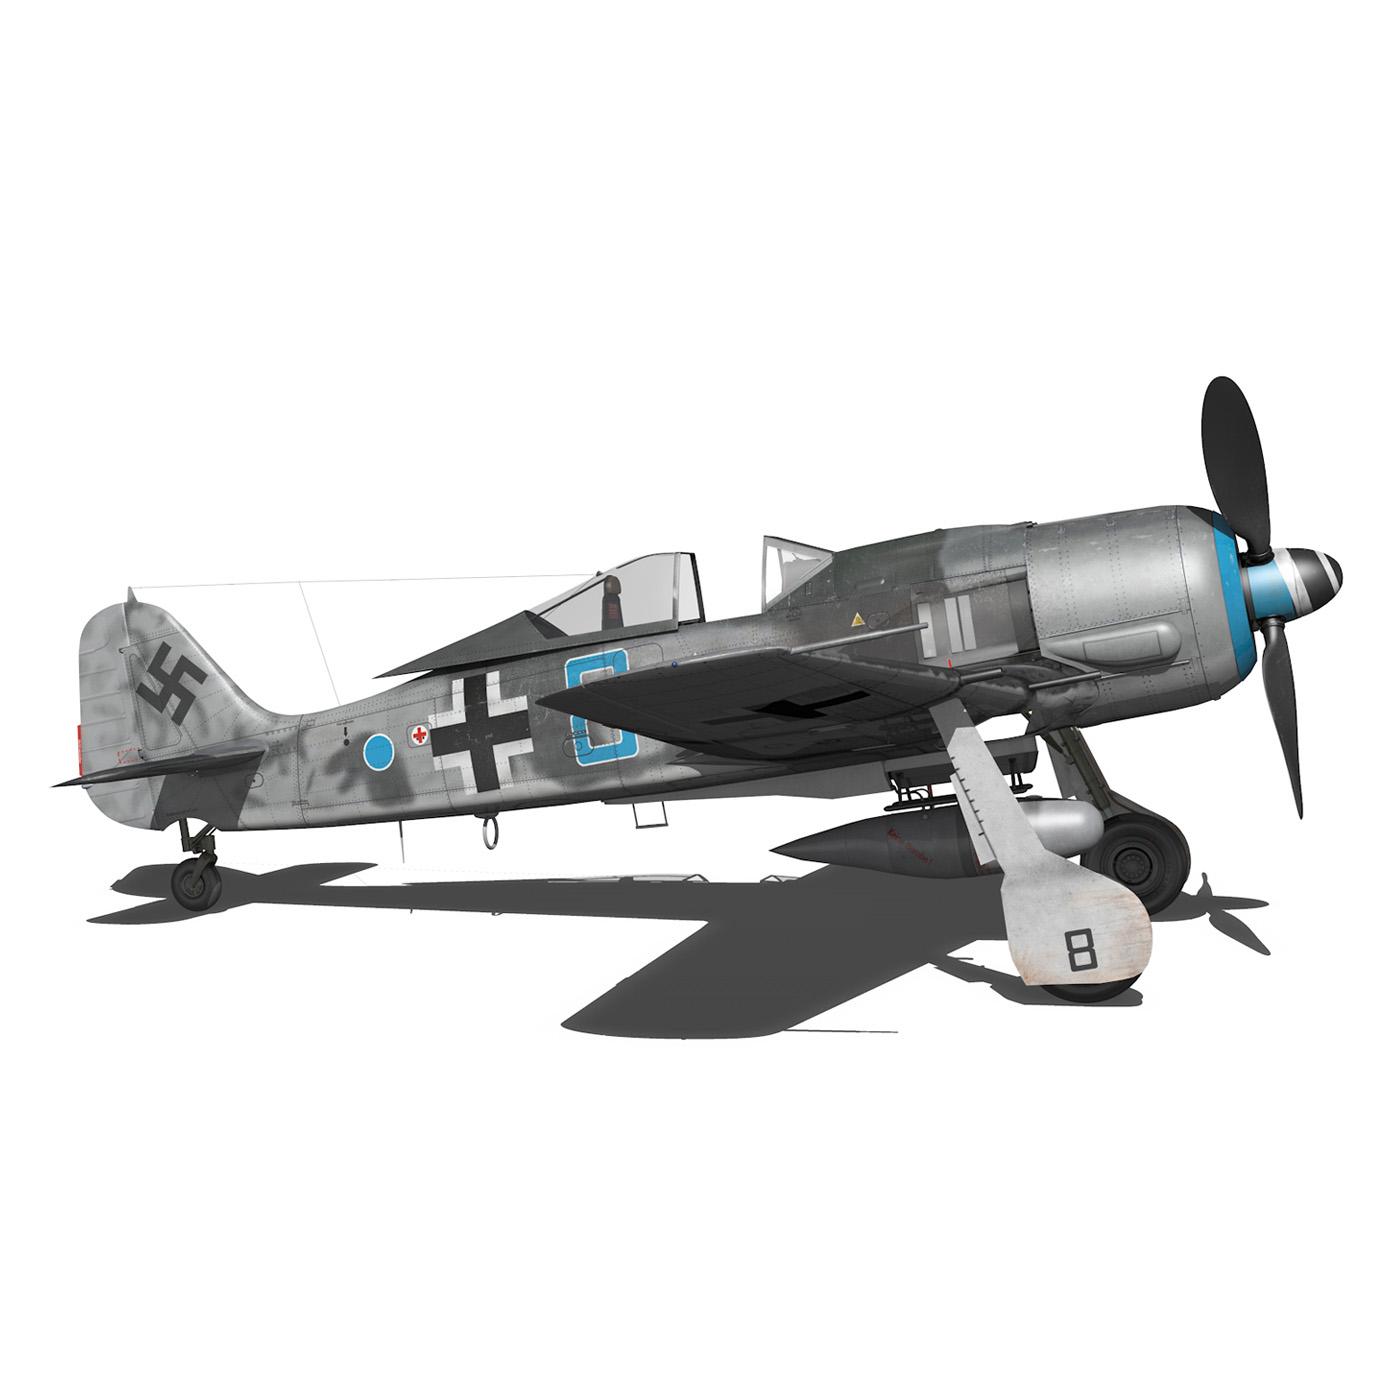 focke wulf – fw190 a8 – blue 8 3d model 3ds fbx c4d lwo obj 293556